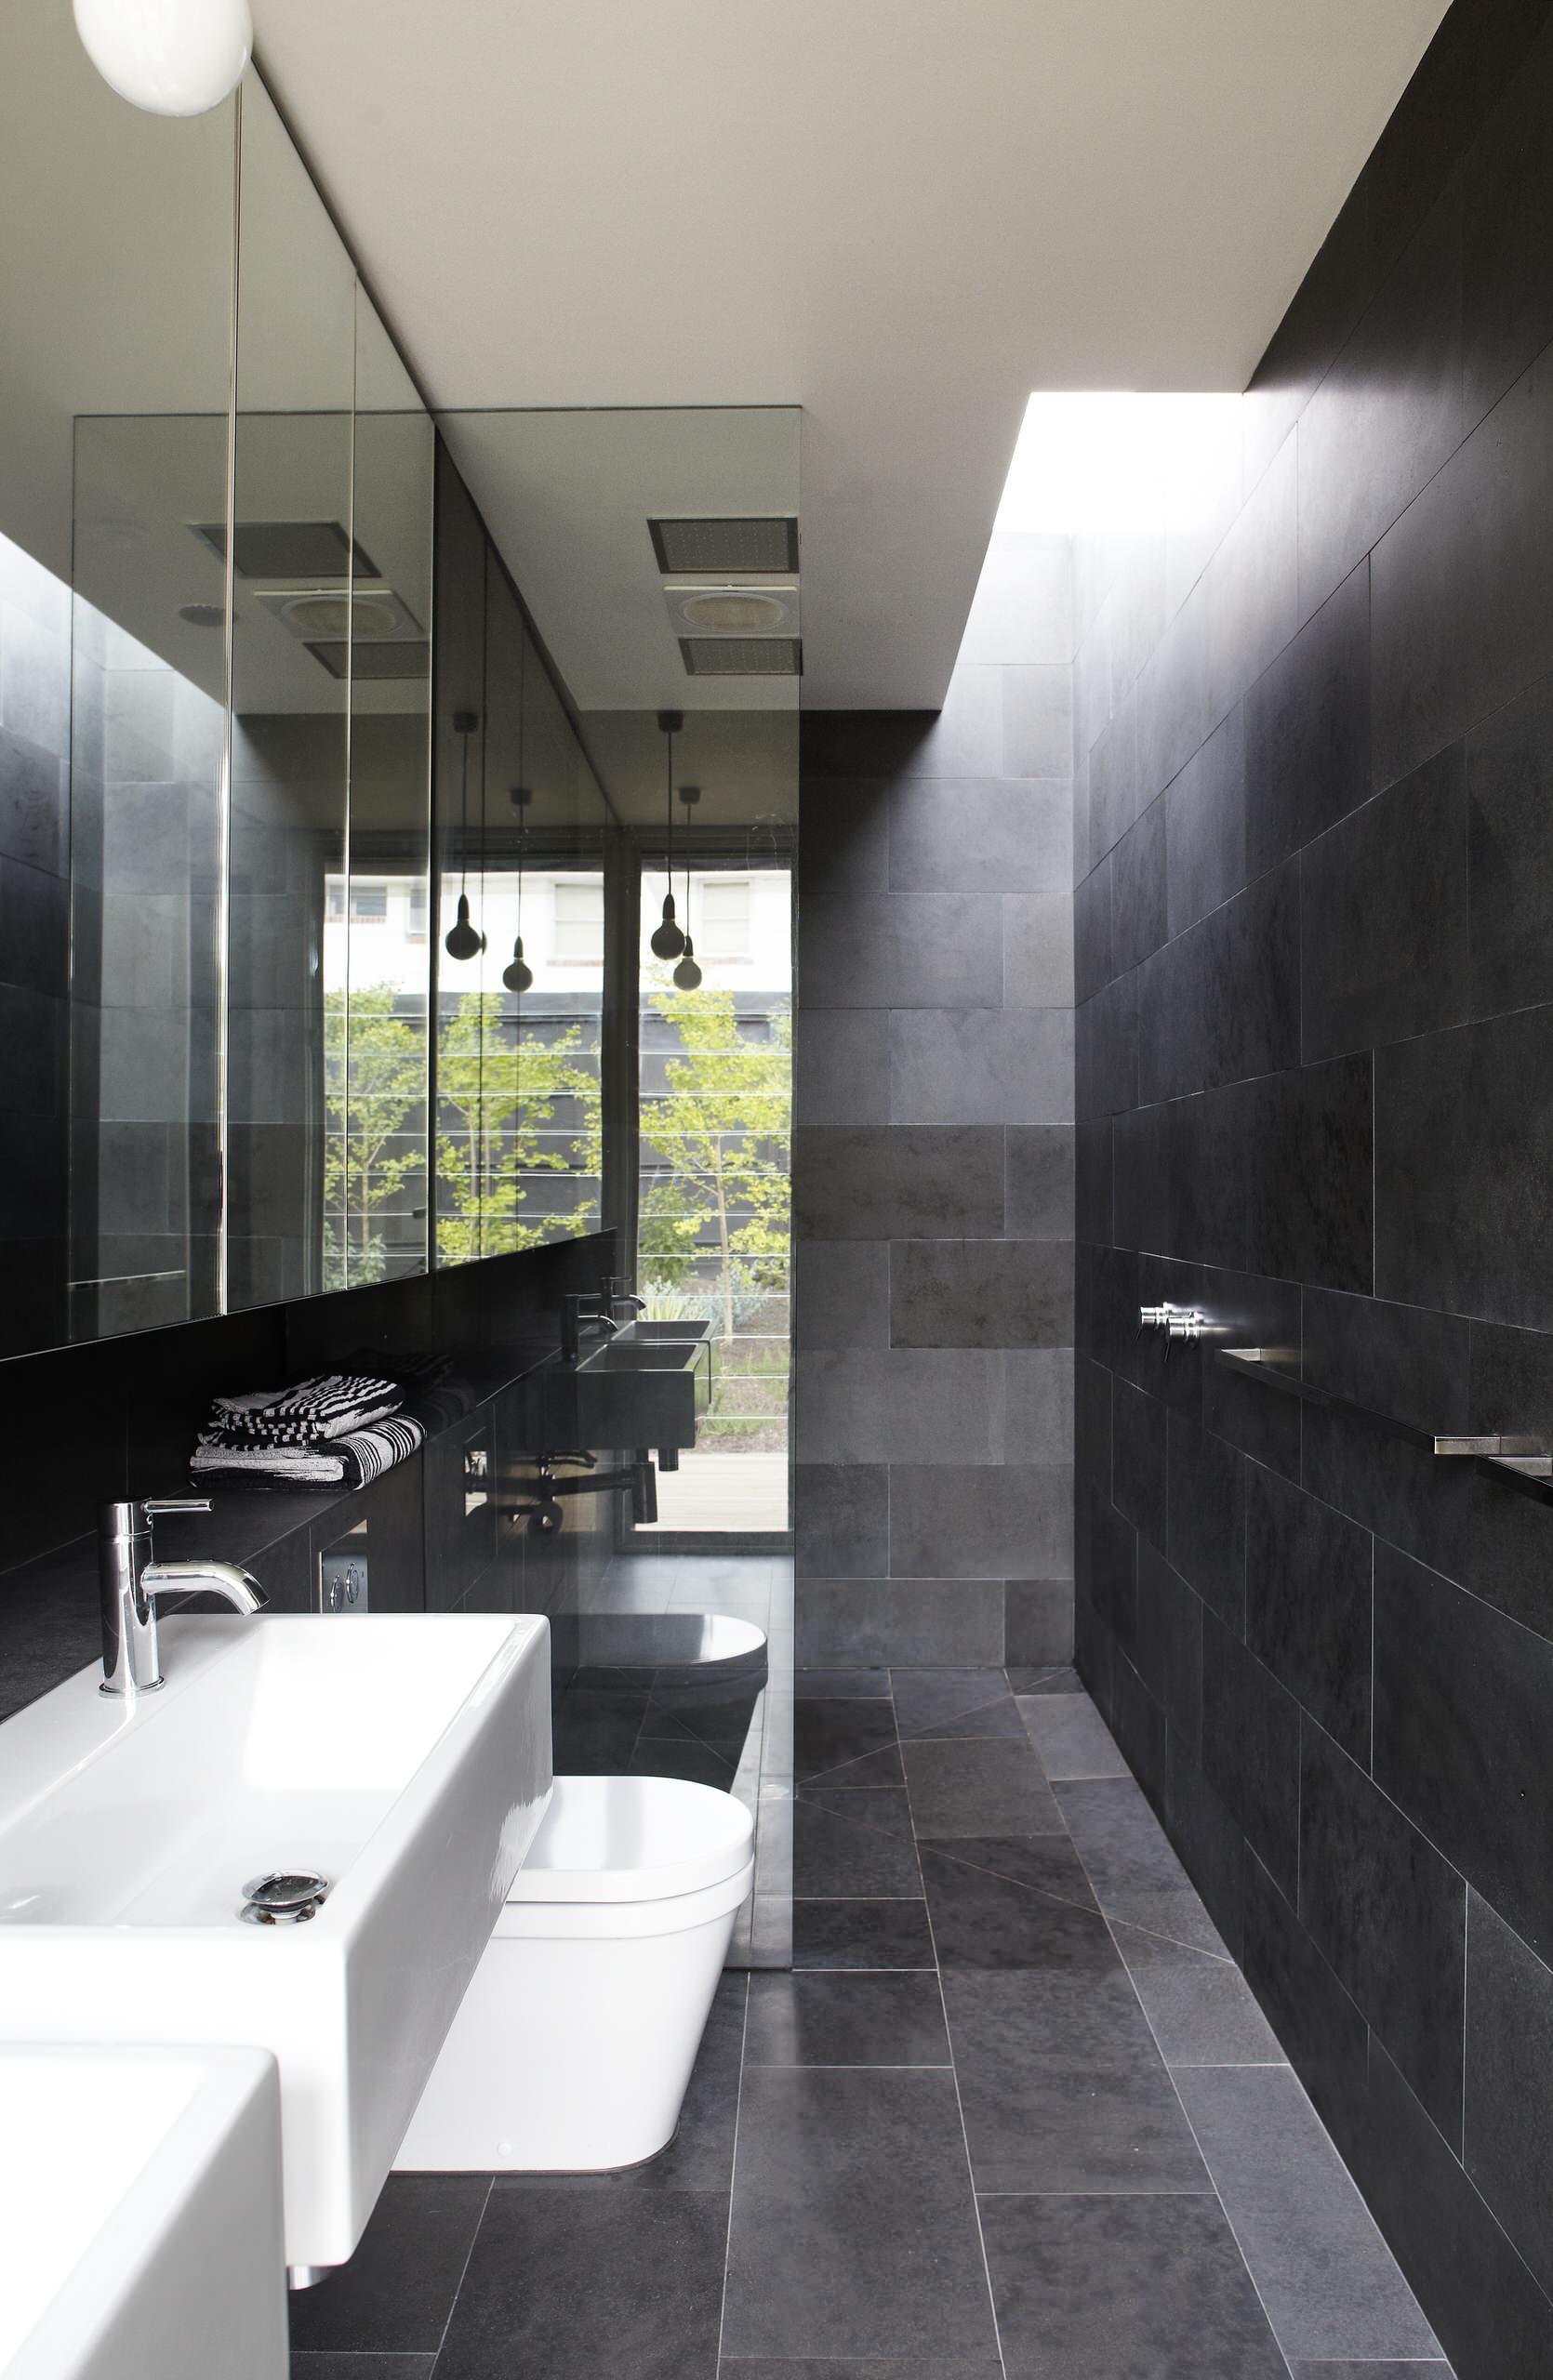 Plexiglass Bathroom Wall Houzz